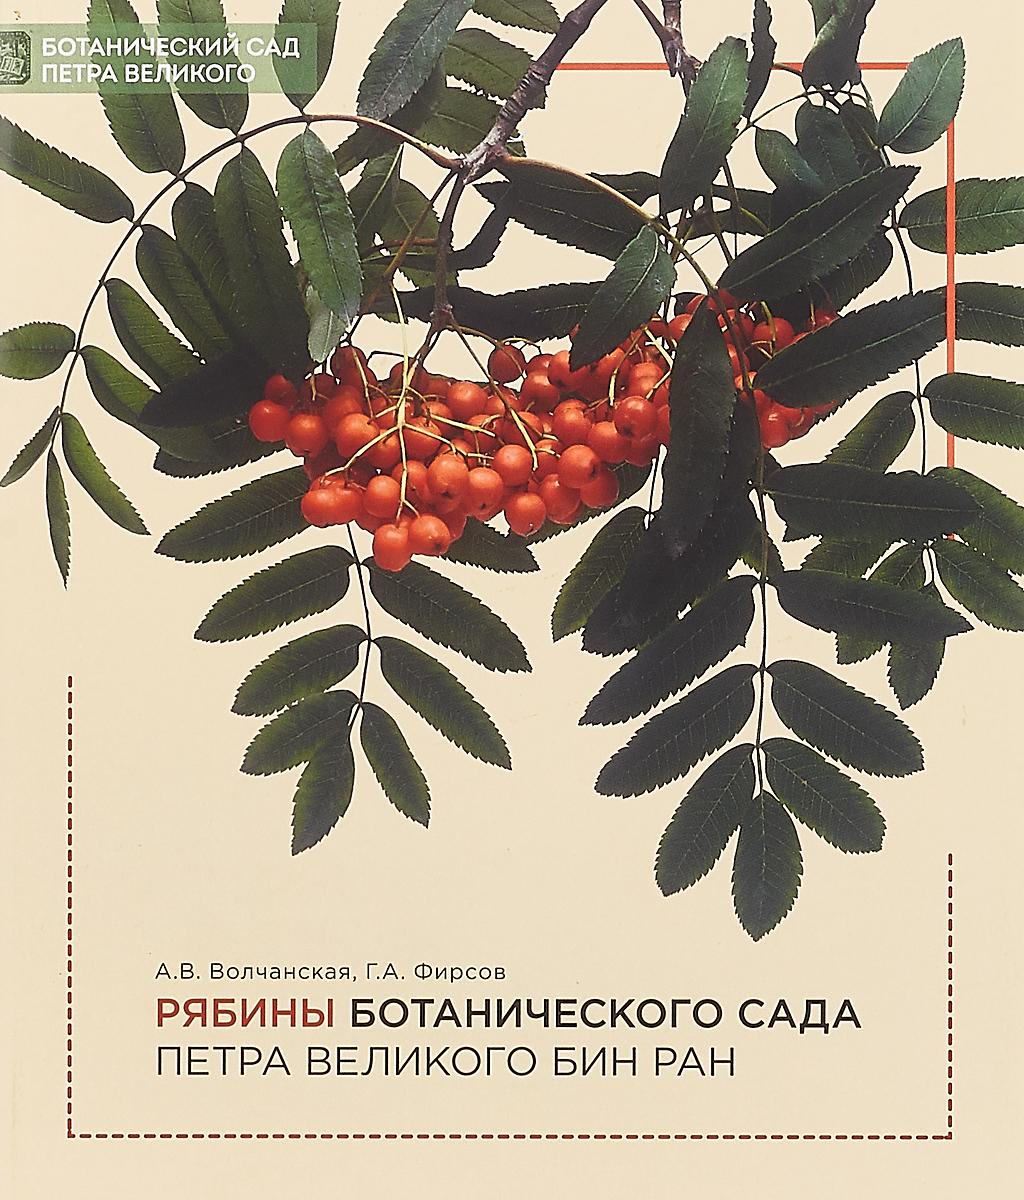 А В. Волчанская, Г. А. Фирсов Рябины Ботанического сада Петра Великого